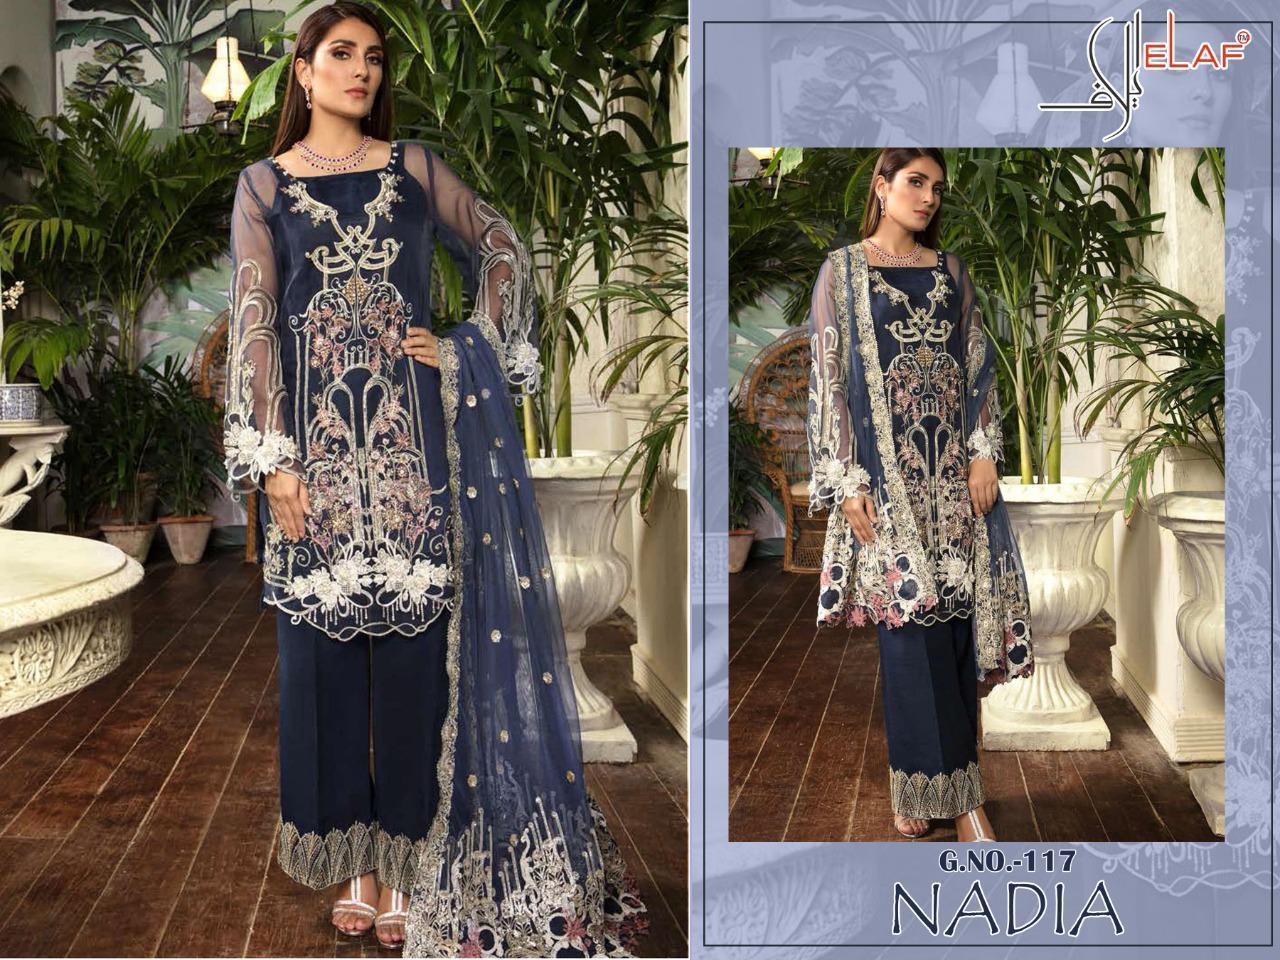 Elaf Nadia 117 Designer Butterfly Net Suit